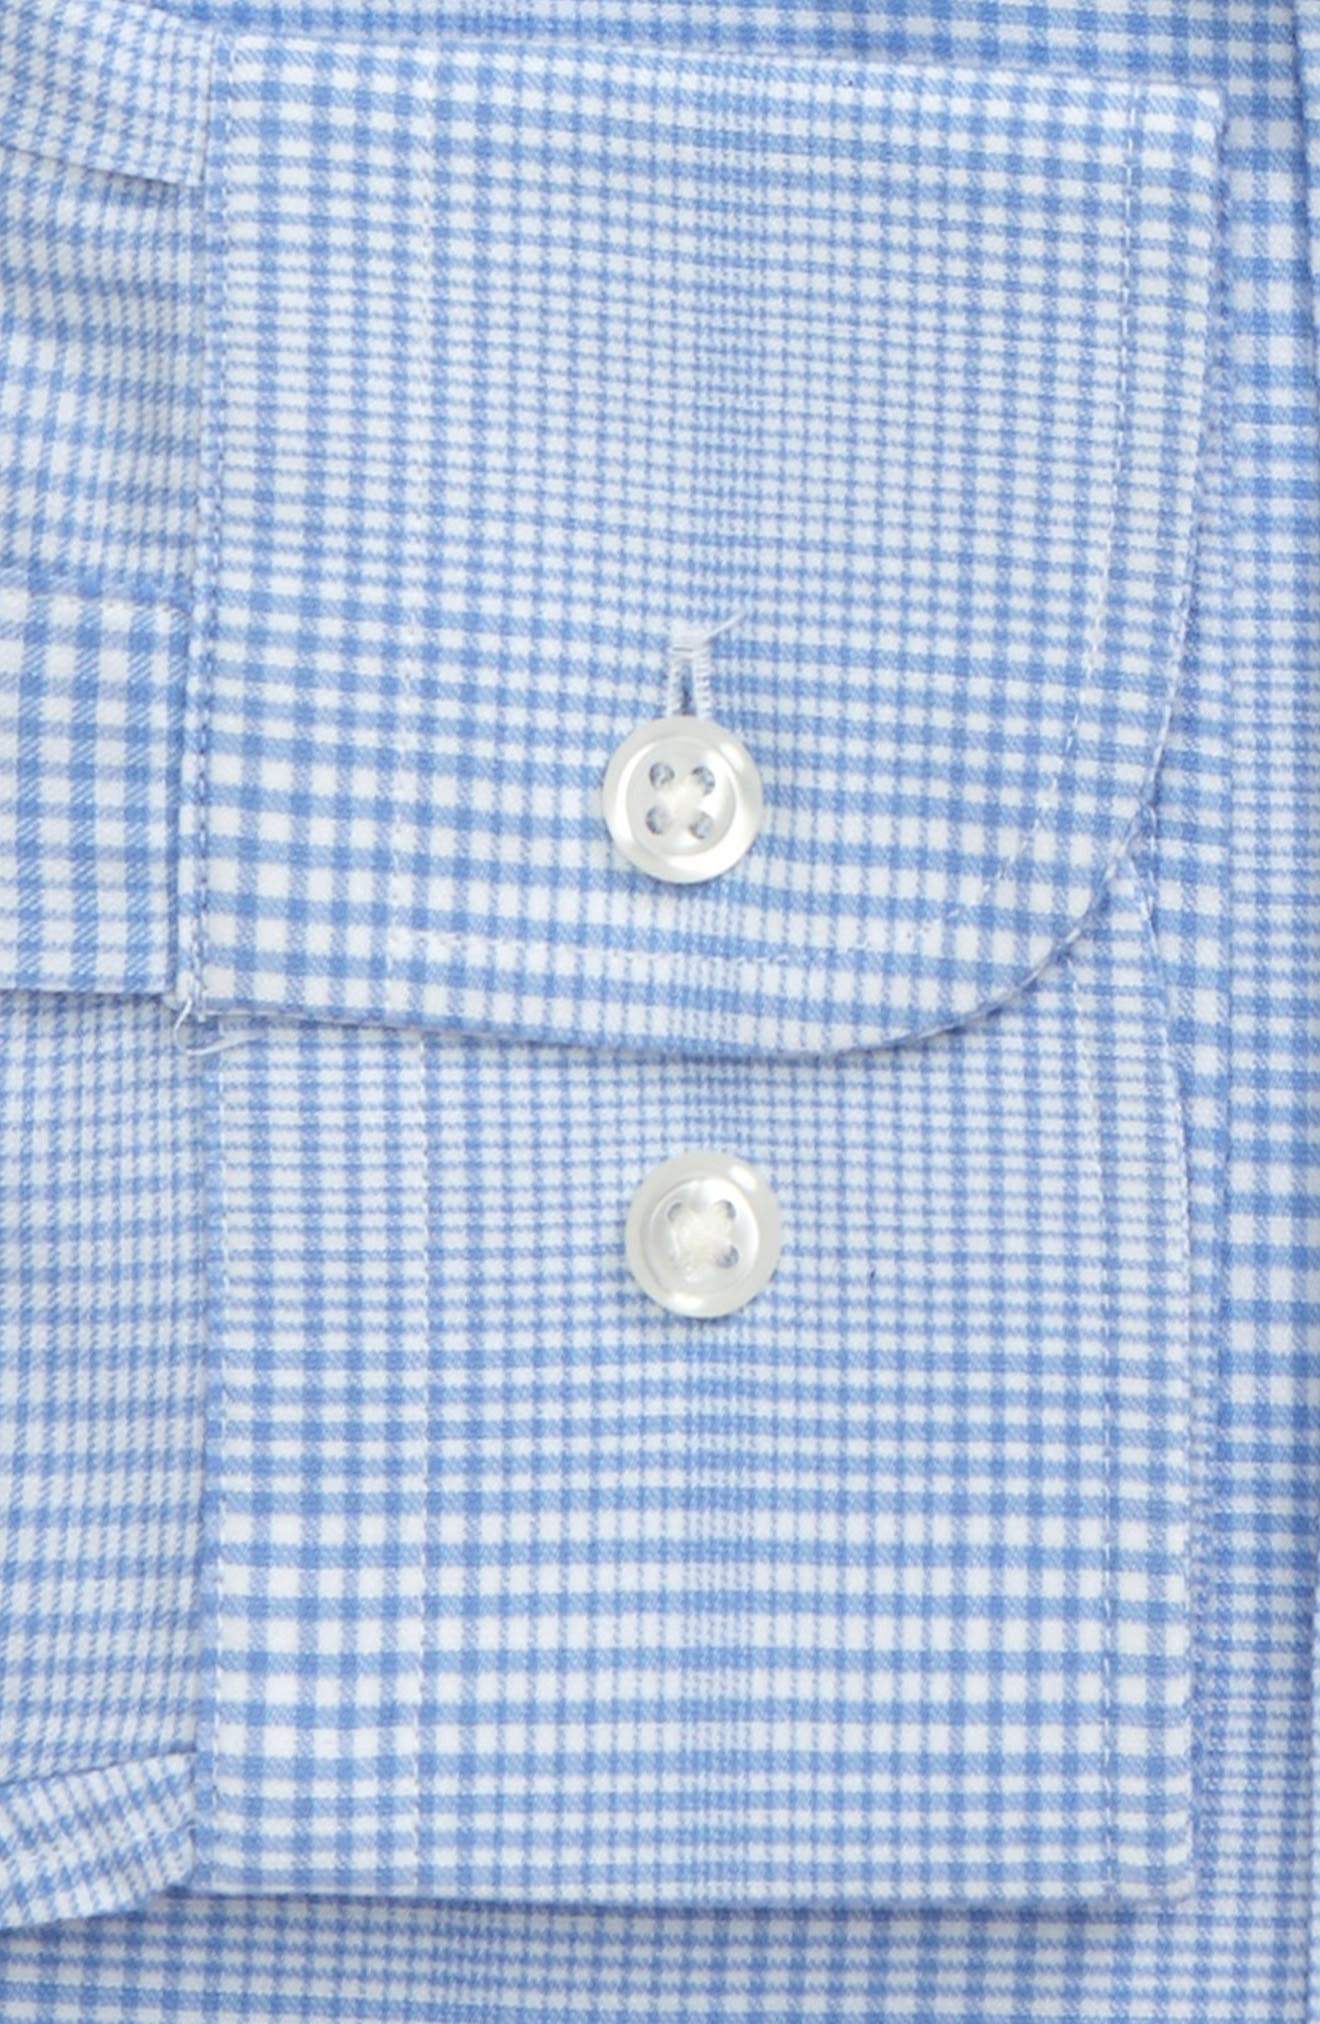 Tech-Smart Trim Fit Stretch Plaid Dress Shirt,                             Alternate thumbnail 4, color,                             Blue Hydrangea